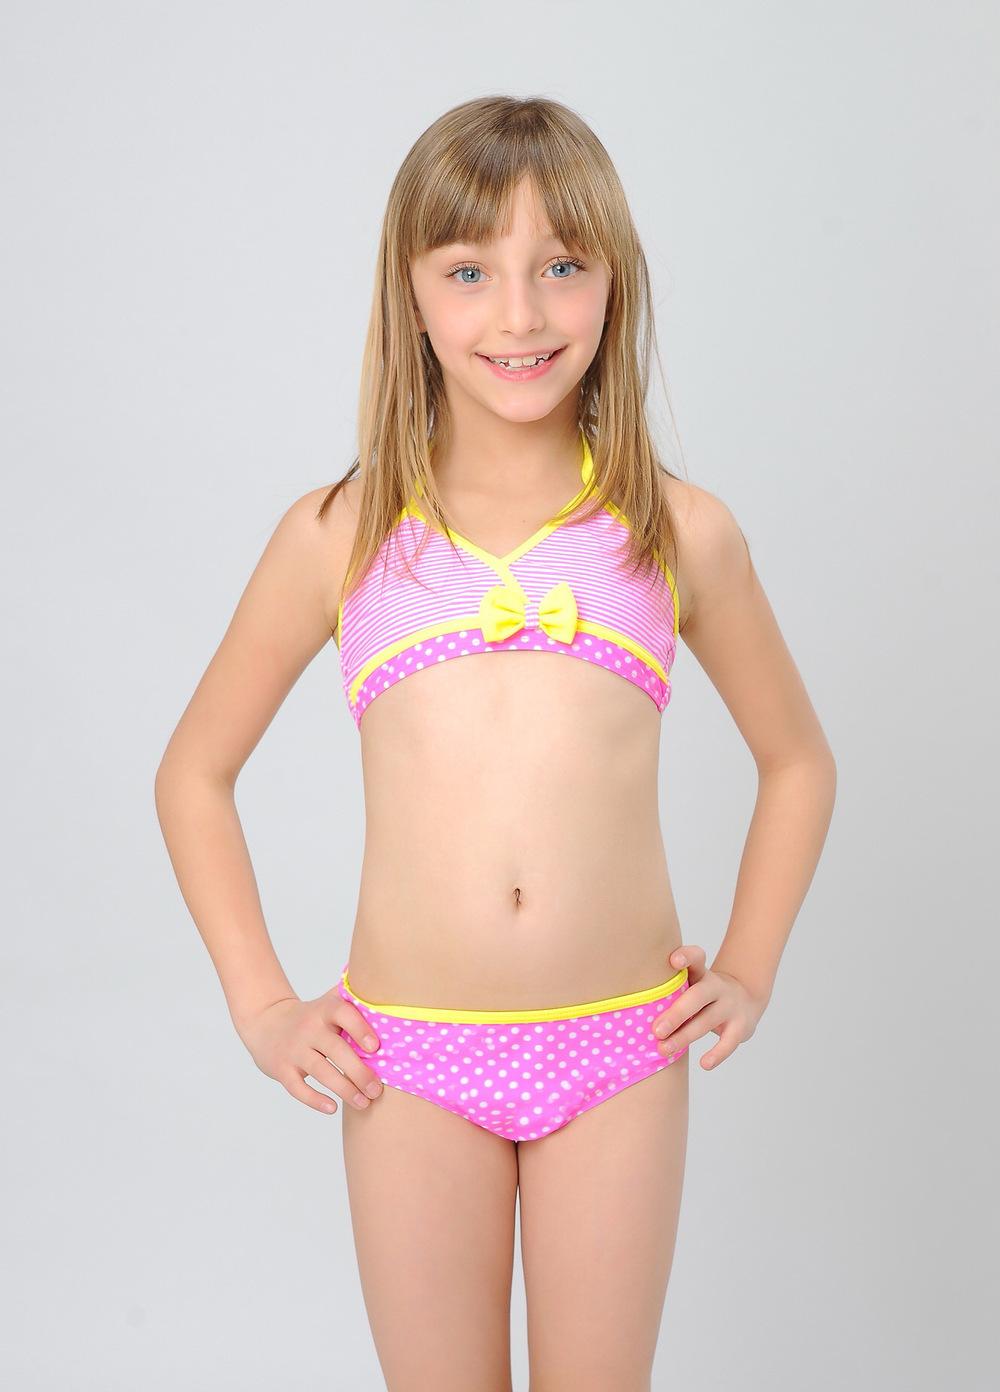 Прозрачные стринги для девочек фото 31 фотография